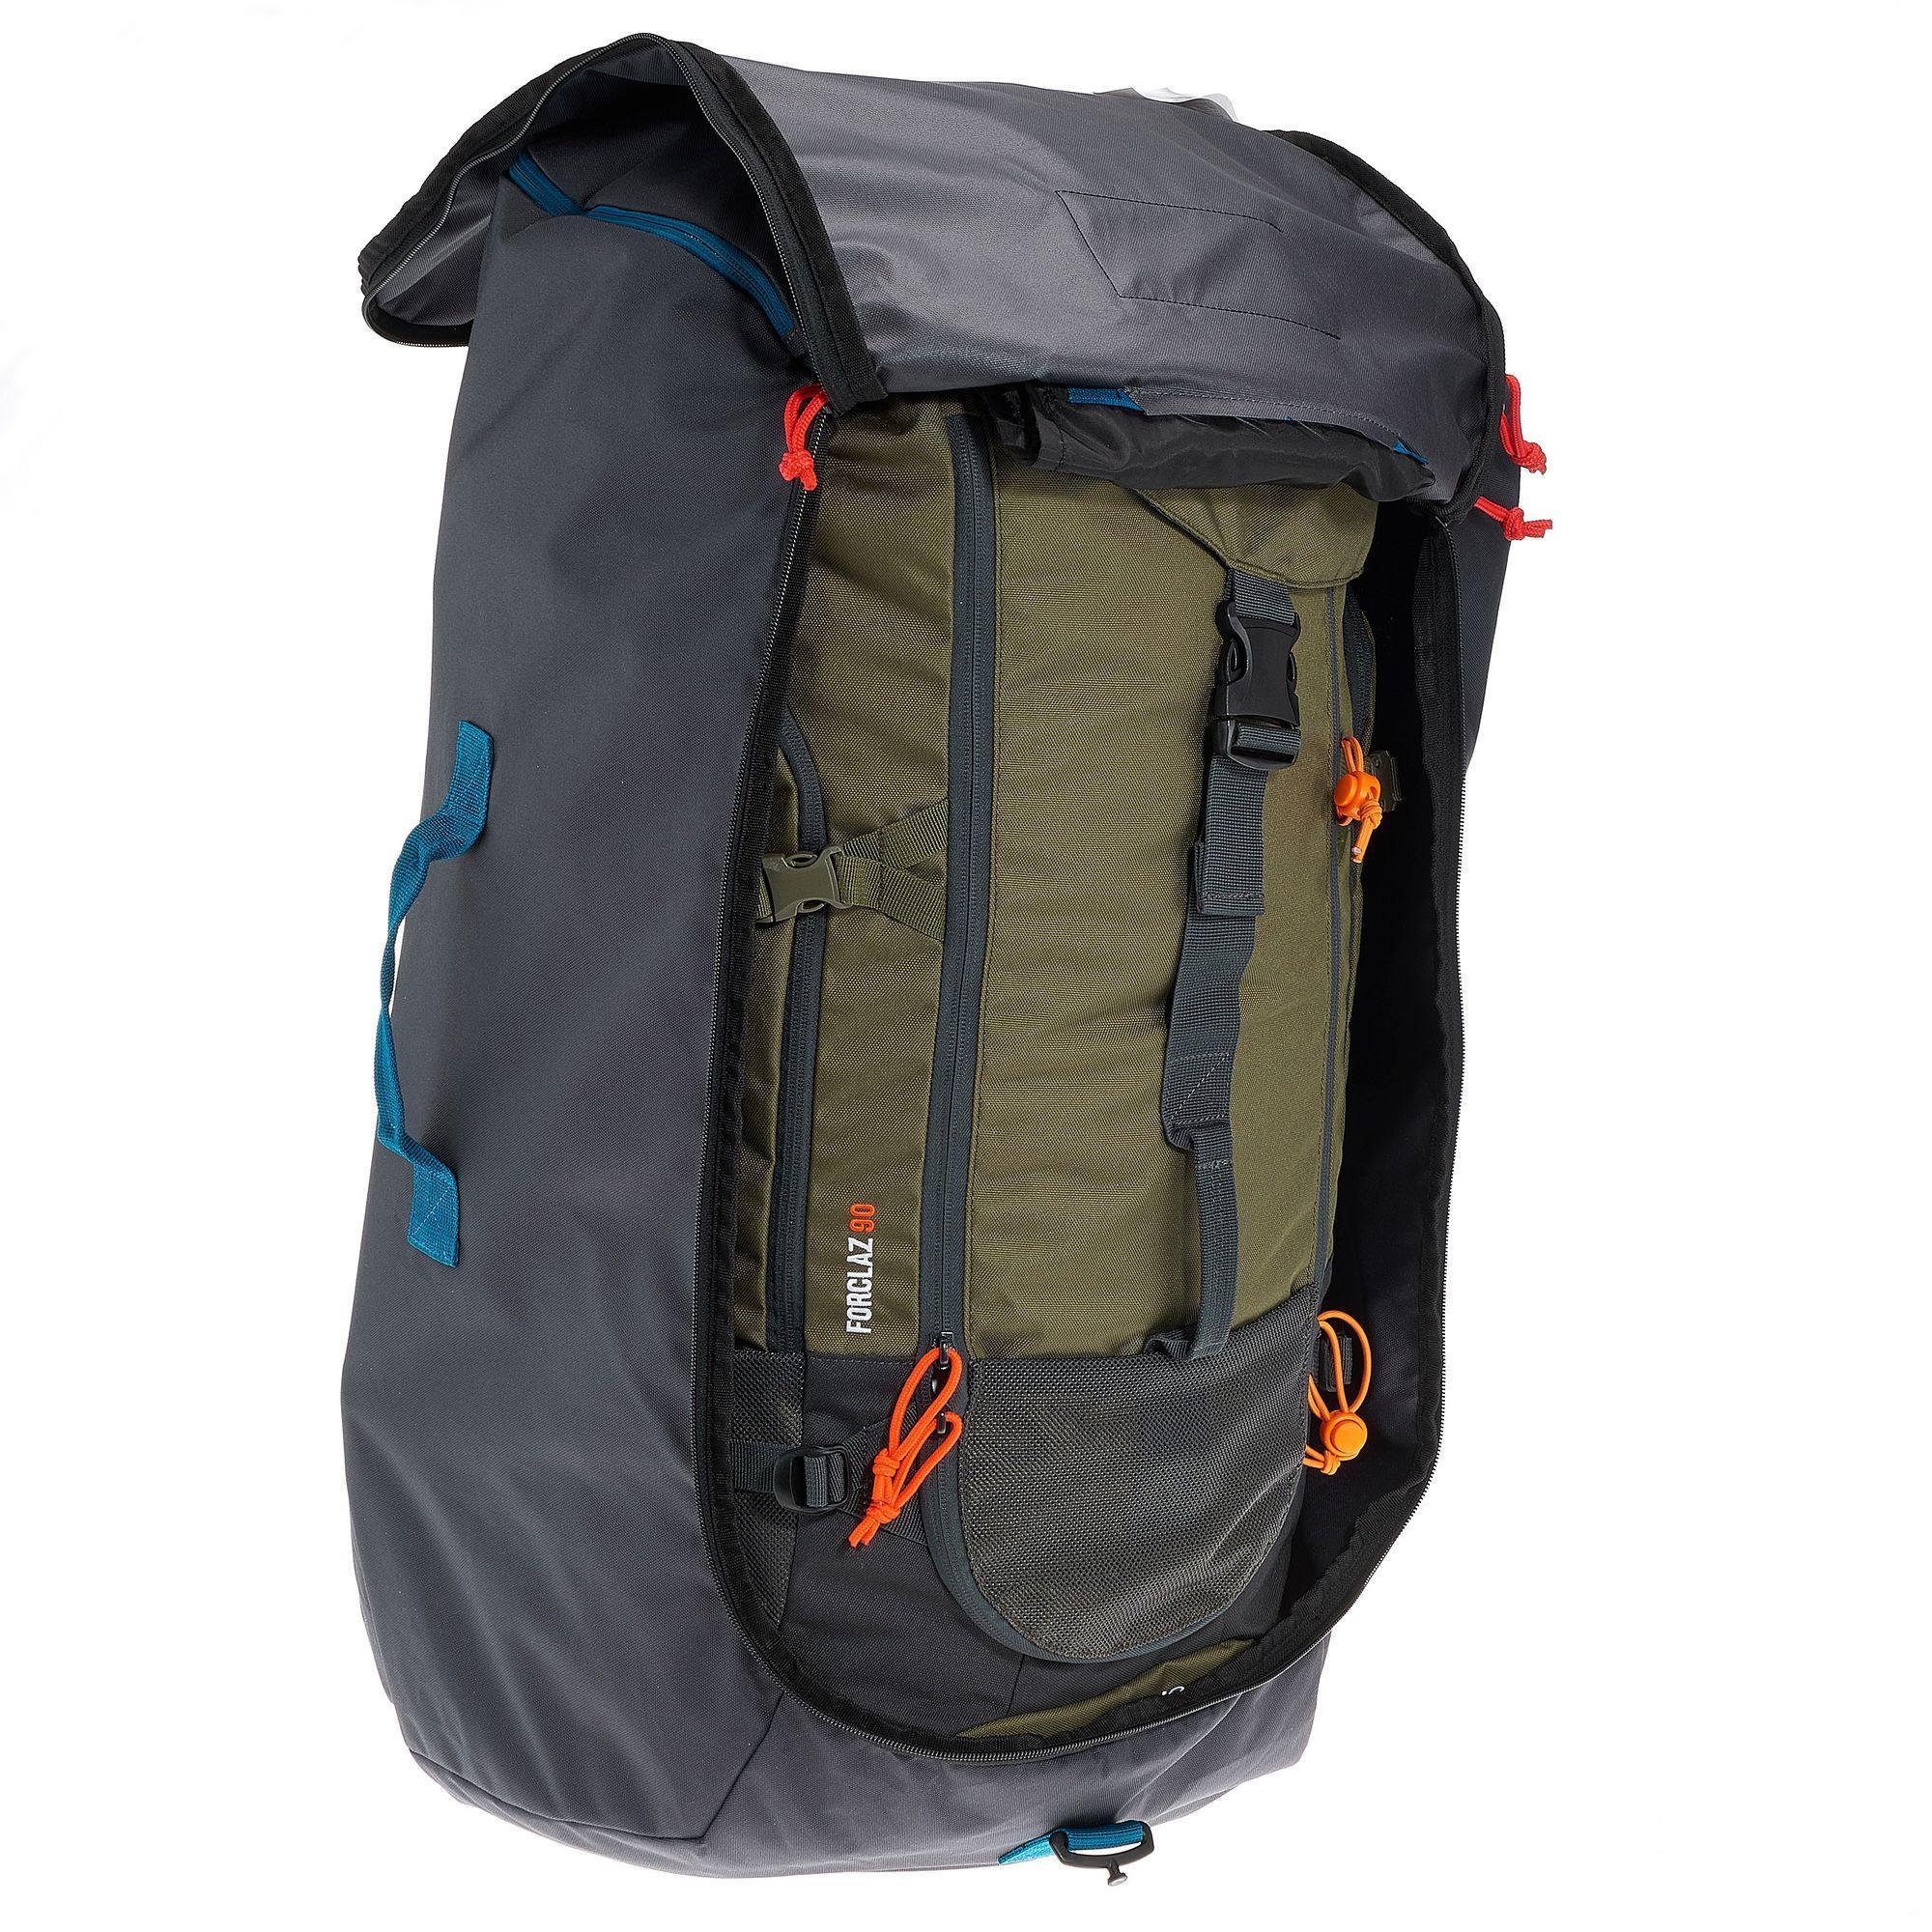 c5377bb6753 Forclaz Set van 2 halfronde opbergzakken voor rugzak… Quechua Vliegtuighoes  voor rugzak van 40 tot 90 liter kopen met voordeel